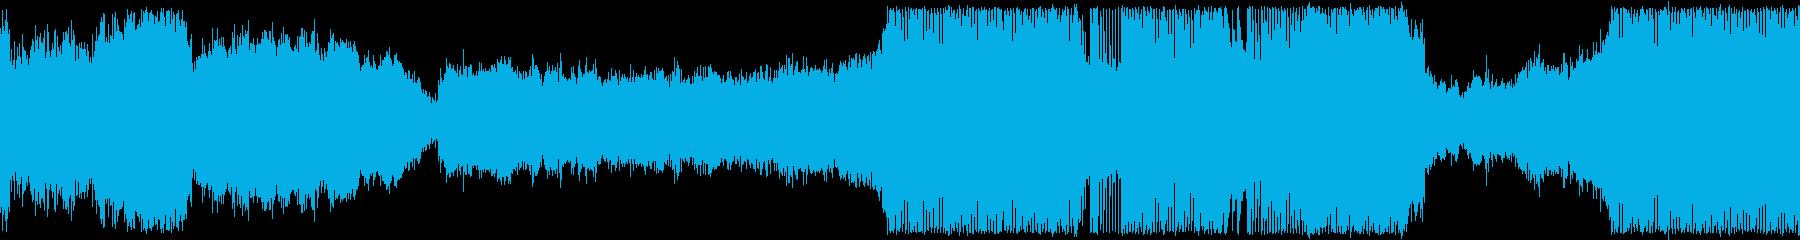 プログレッシブハウス。の再生済みの波形